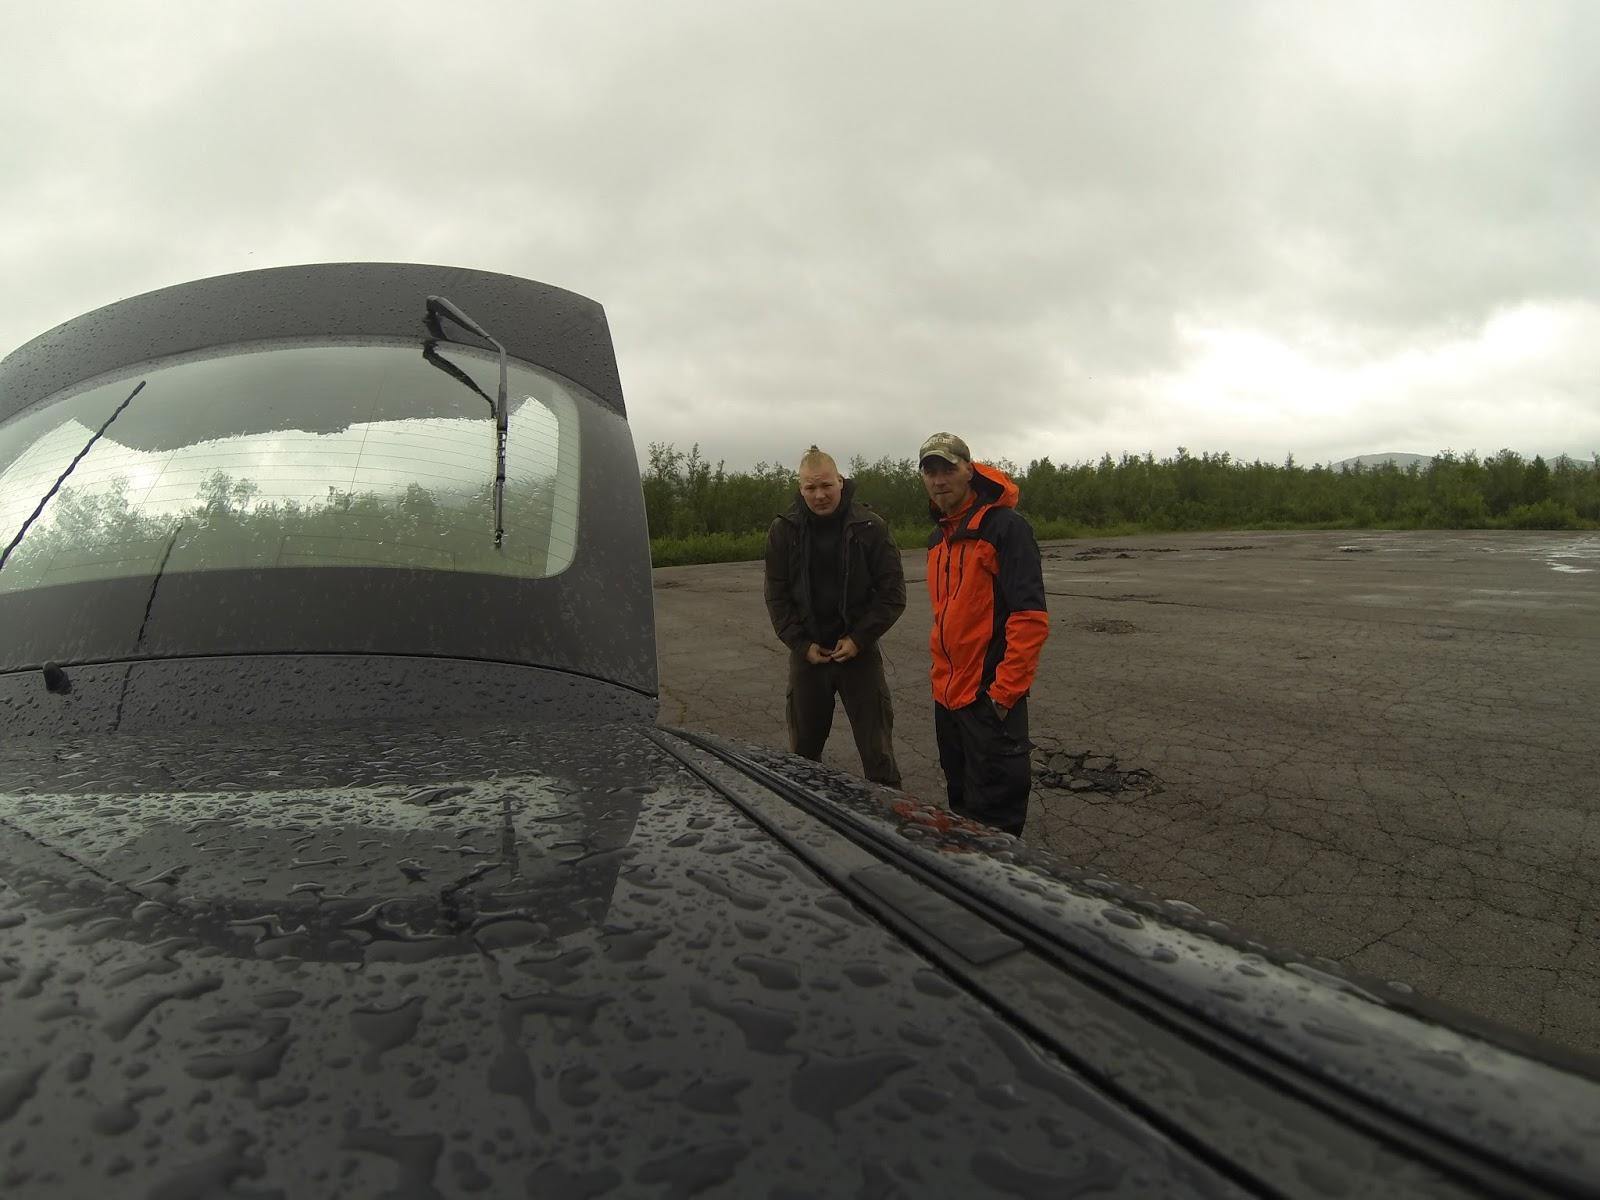 Kaupinojan pumppuasema, vesisäiliö ja Rauhaniemen kansankylpylä Pyhäjärven Niihamanselän ja Pikkuniihama –järven väliselle alueelle jää.